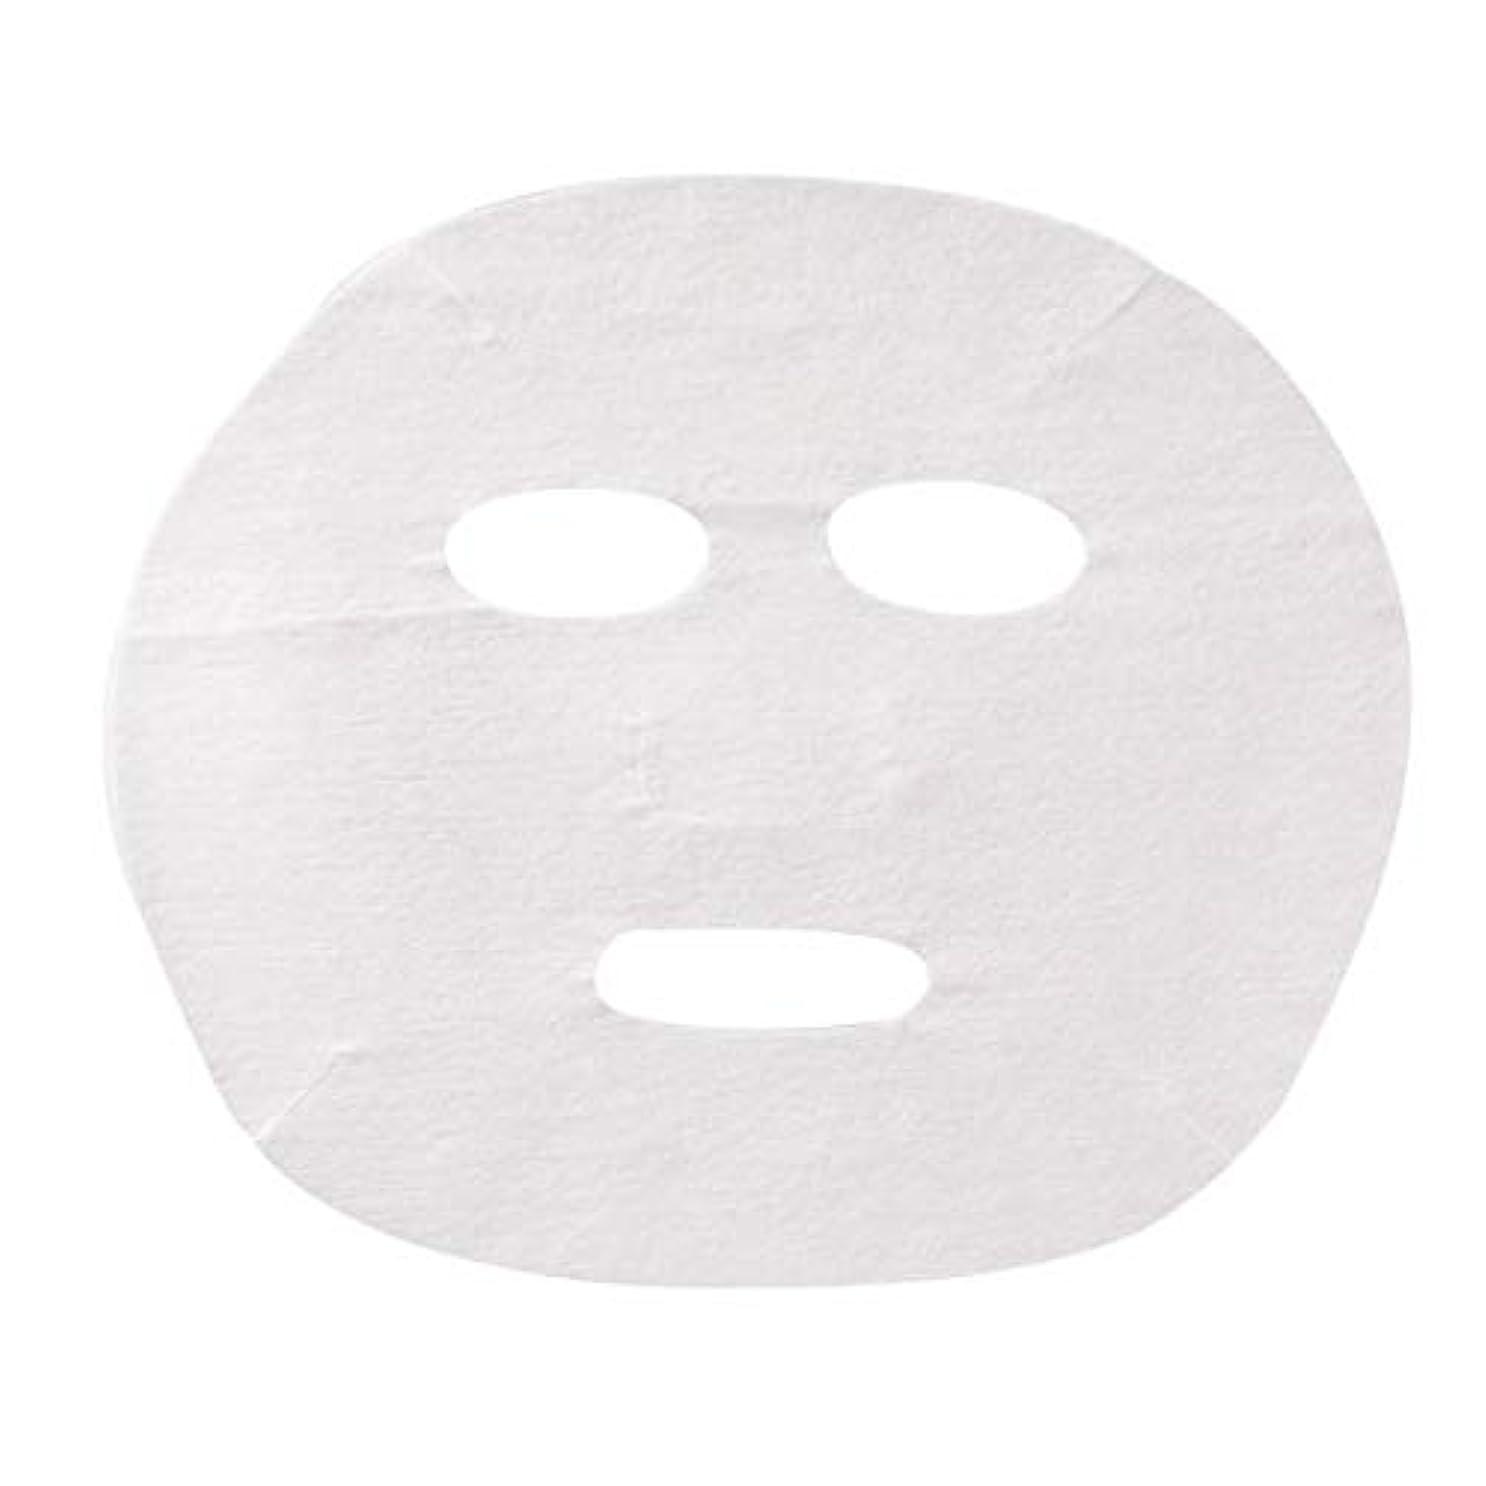 錫シンジケート粗いフェイシャルシート (薄手タイプ) 70枚入 22.5×18.5cm [ フェイスマスク フェイスシート フェイスパック フェイシャルマスク フェイシャルパック ローションマスク ローションパック フェイス パック マスク ]